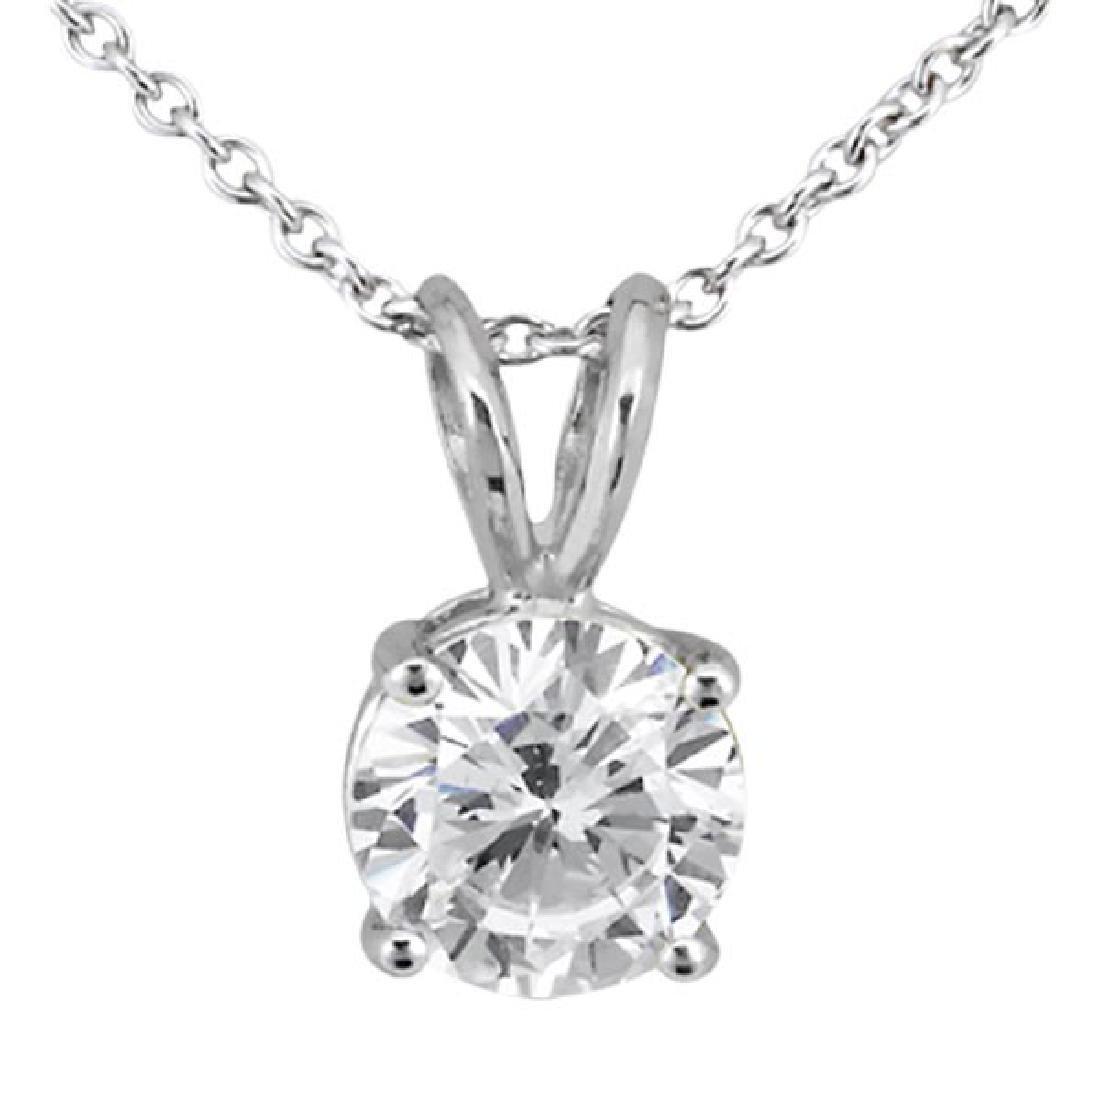 1.50ct. Round Diamond Solitaire Pendant in Platinum (H